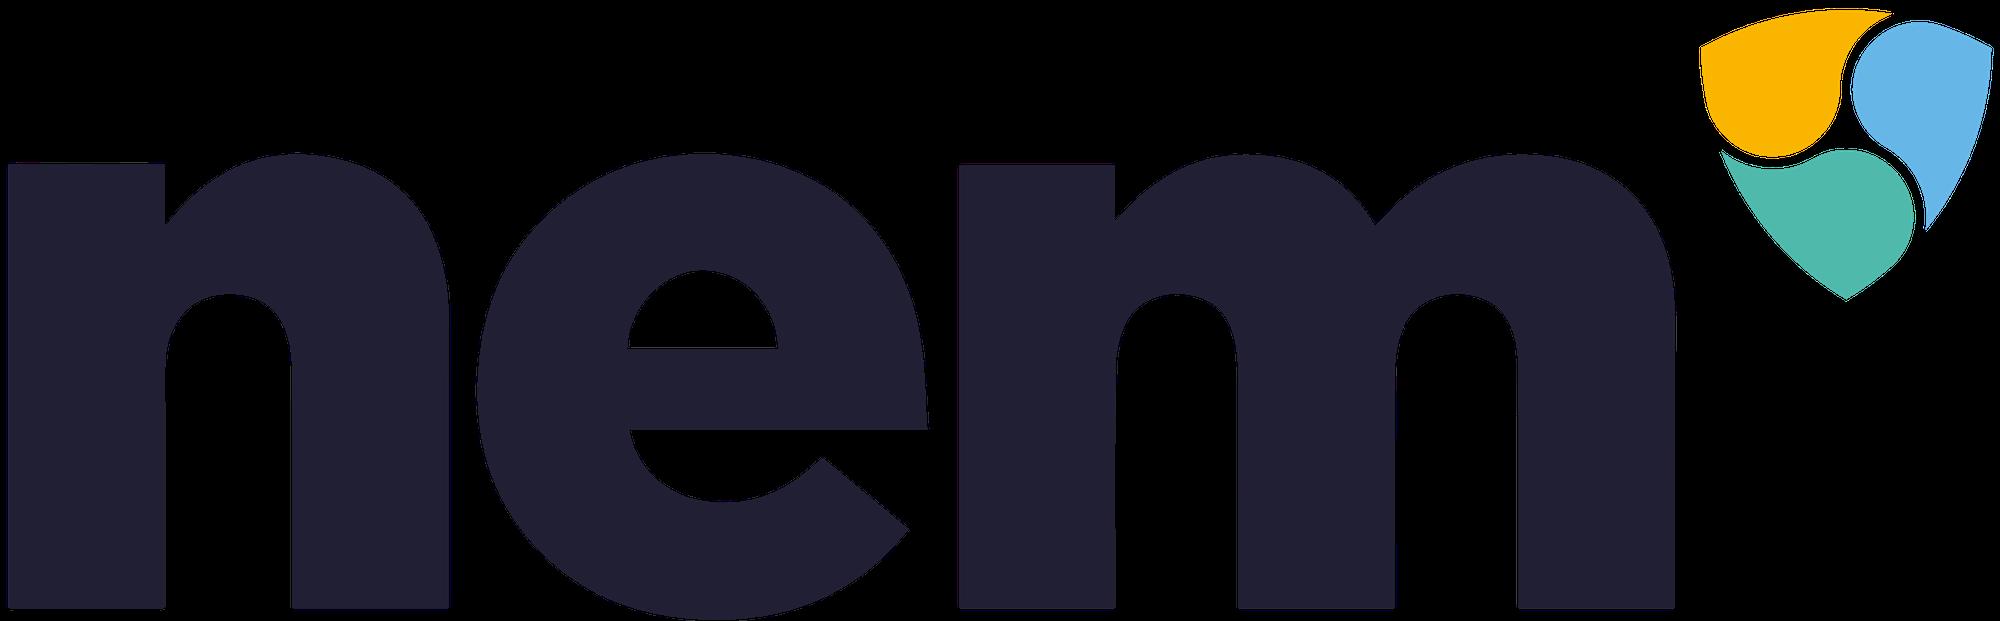 Криптовалюта NEM (она же XEM)